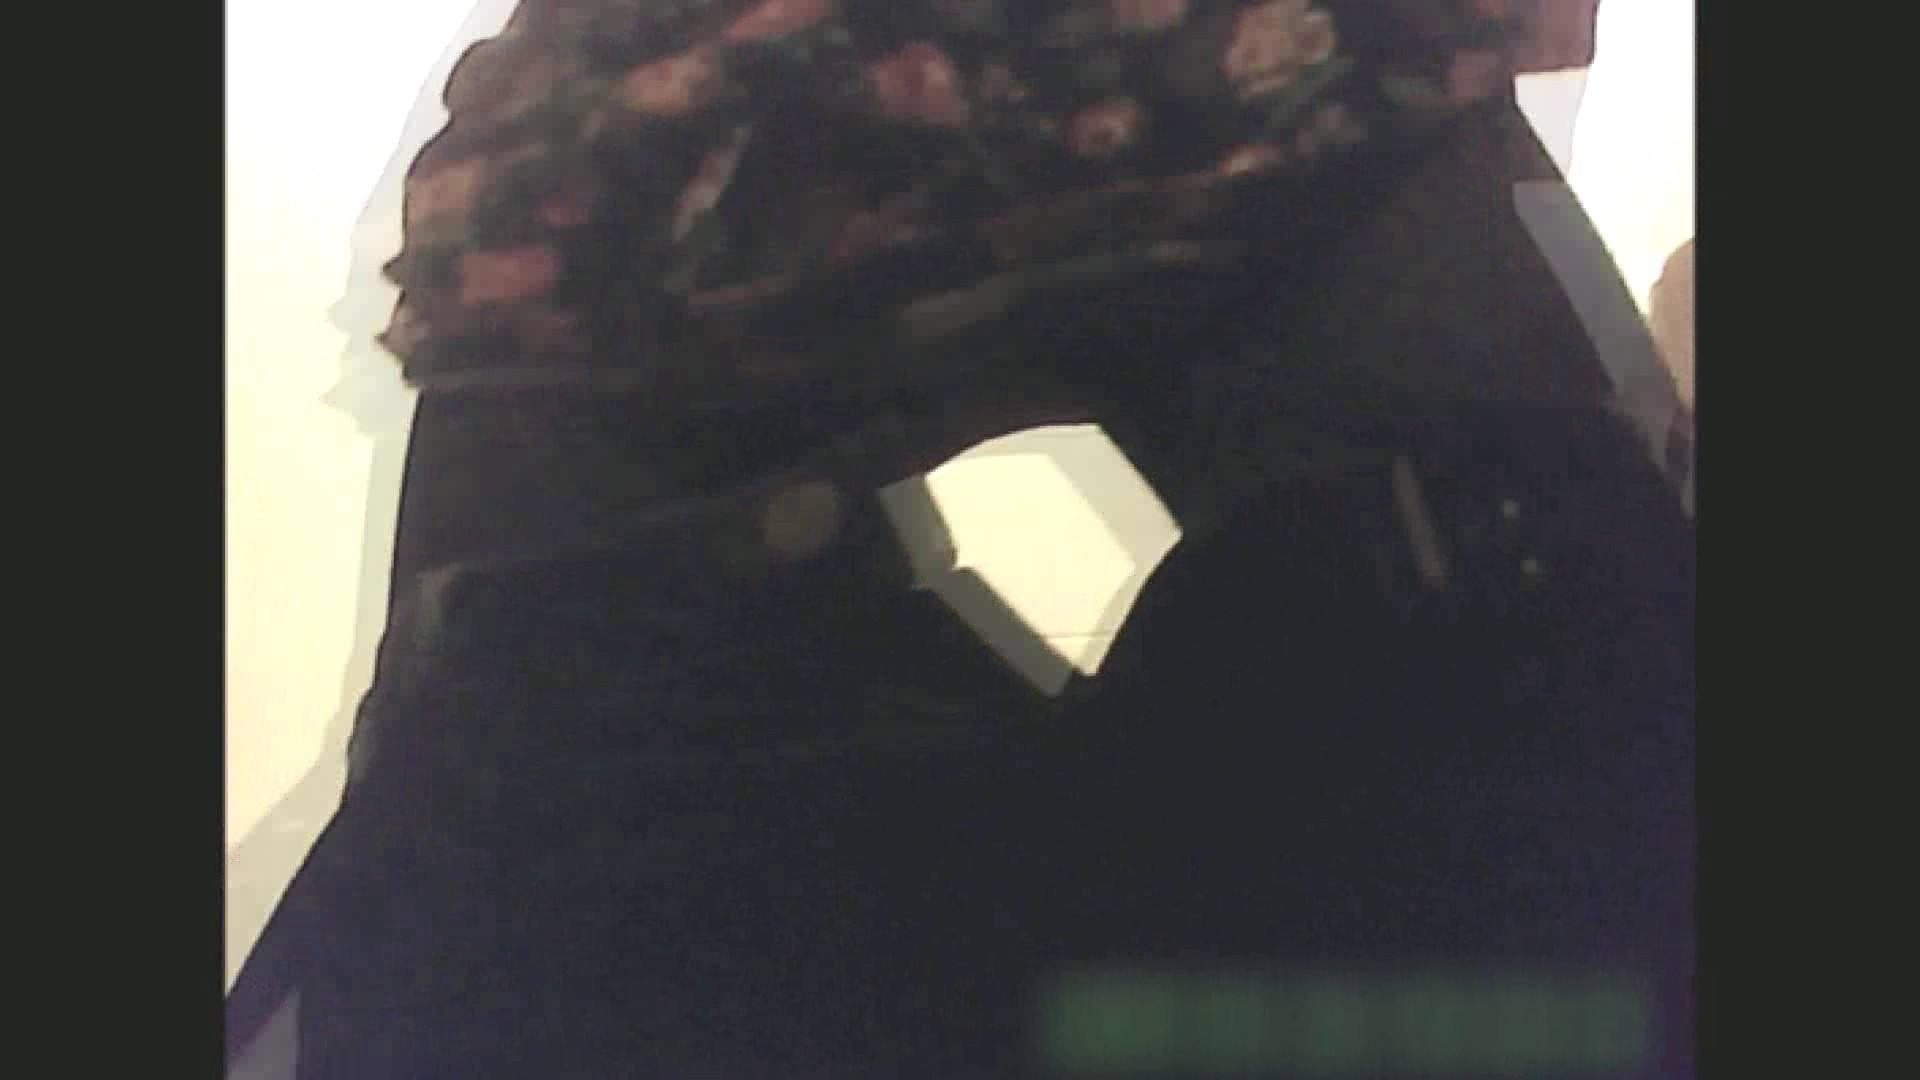 実録!!綺麗なお姉さんのトイレ事情・・・。vol.13 OLすけべ画像 盗撮動画紹介 36連発 6